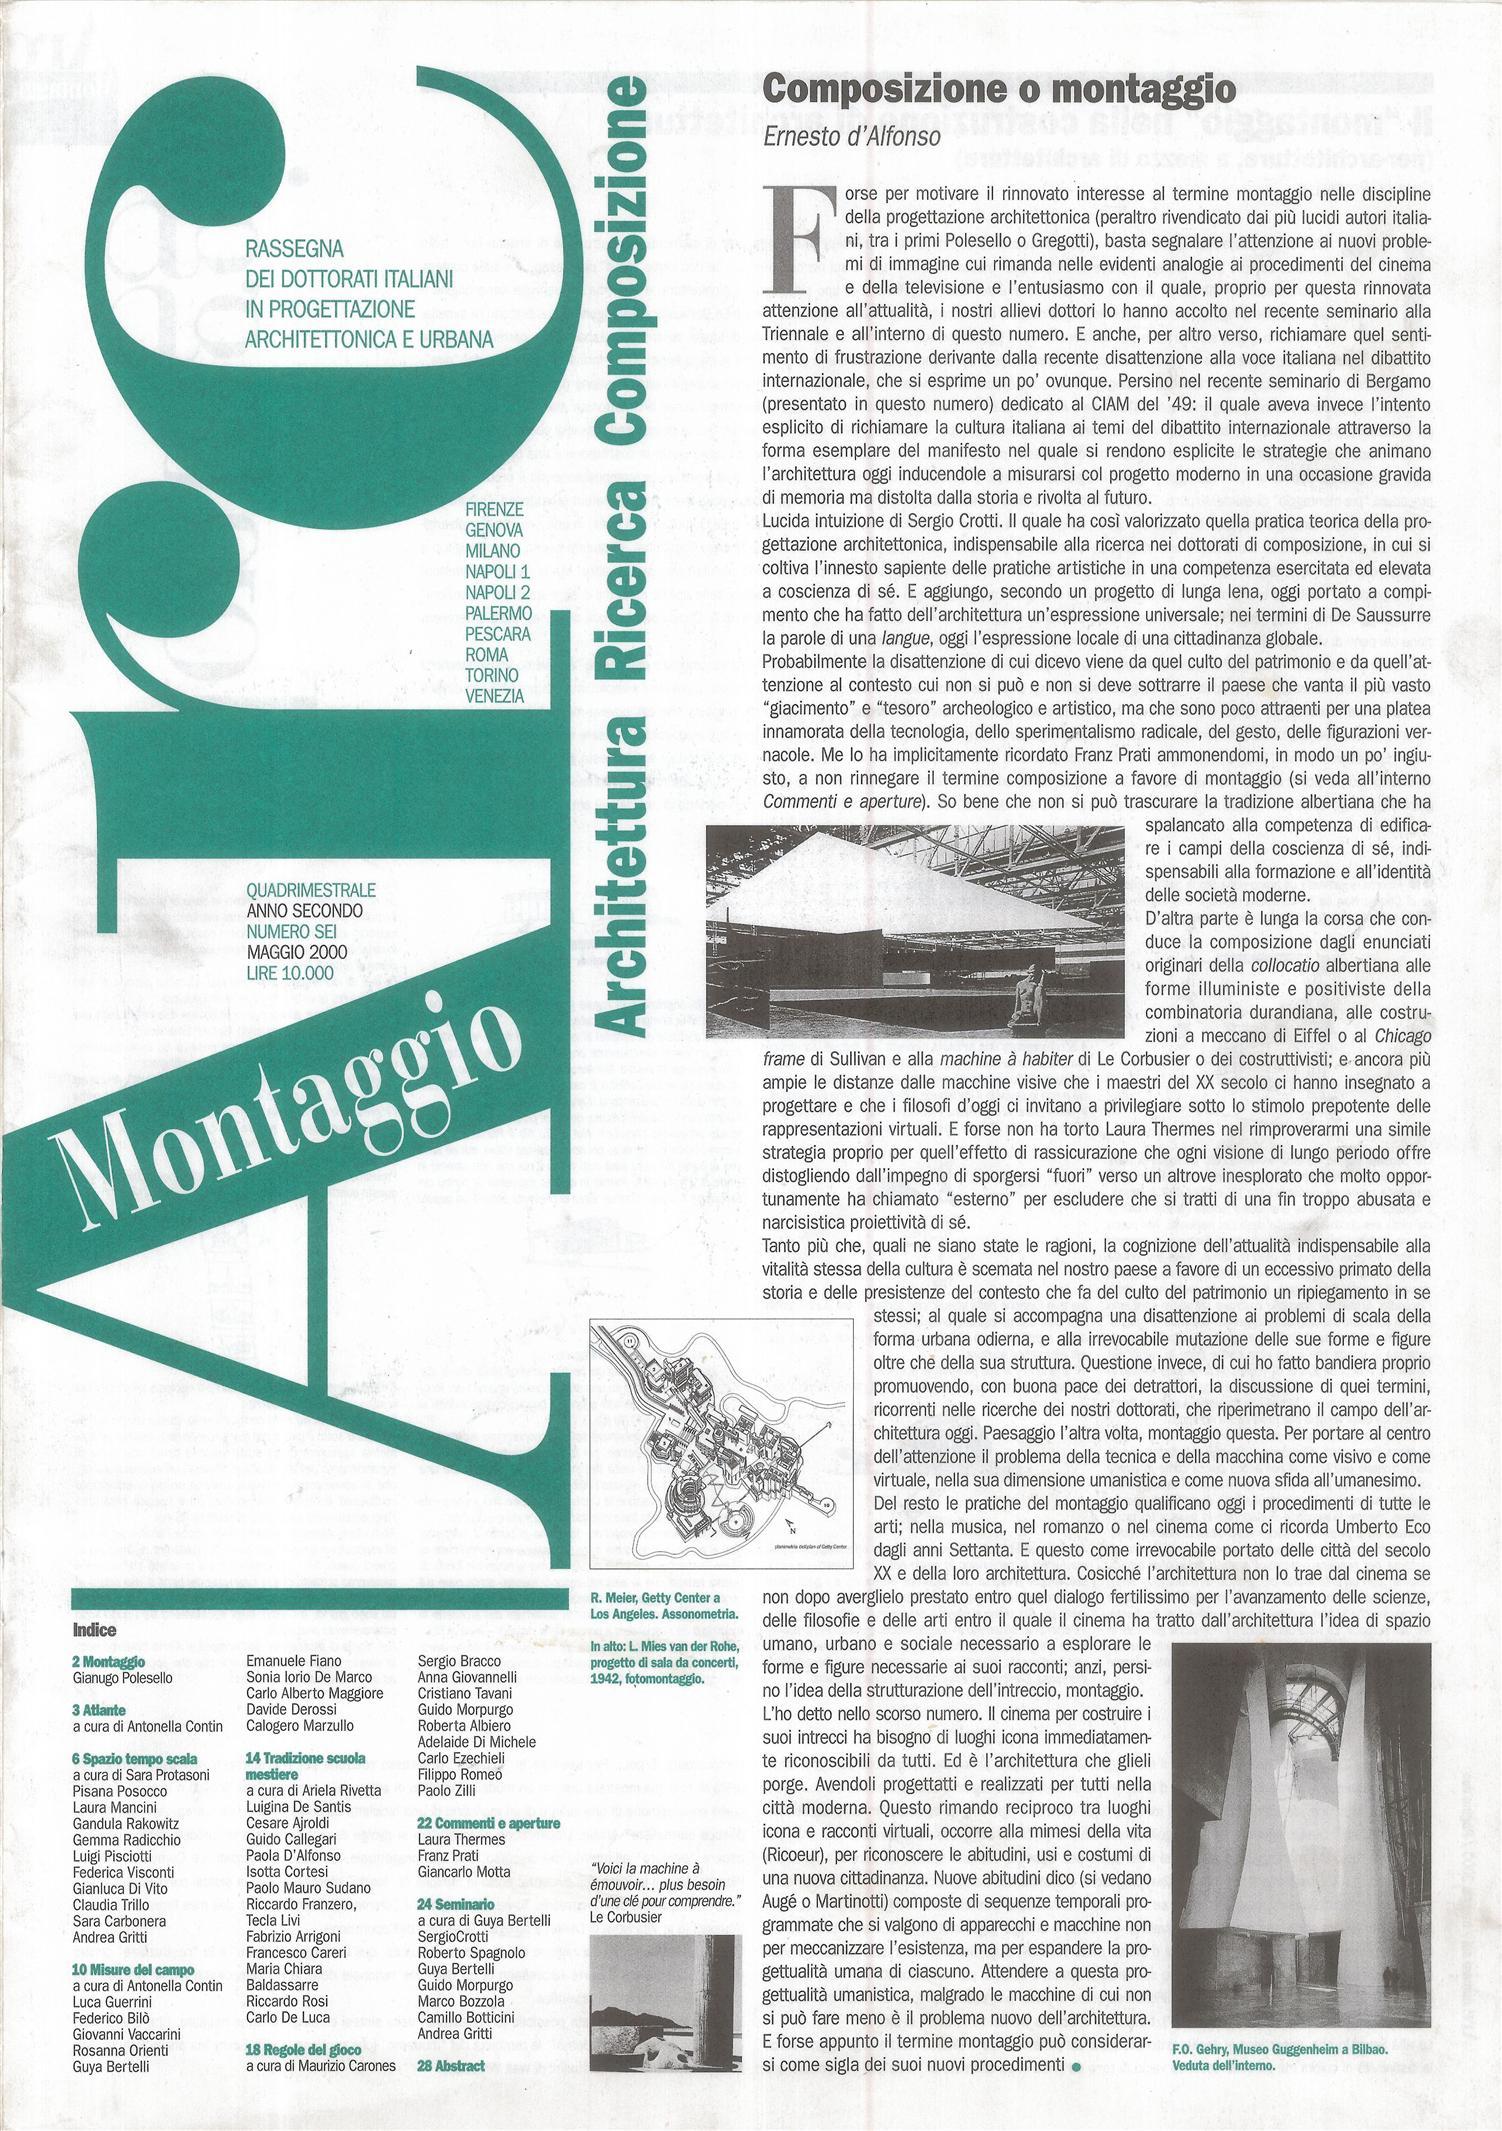 """Sara Carbonera, """"Architettura, paesaggio, infrastrutture"""", articolo in Arc n.6, maggio 2000"""